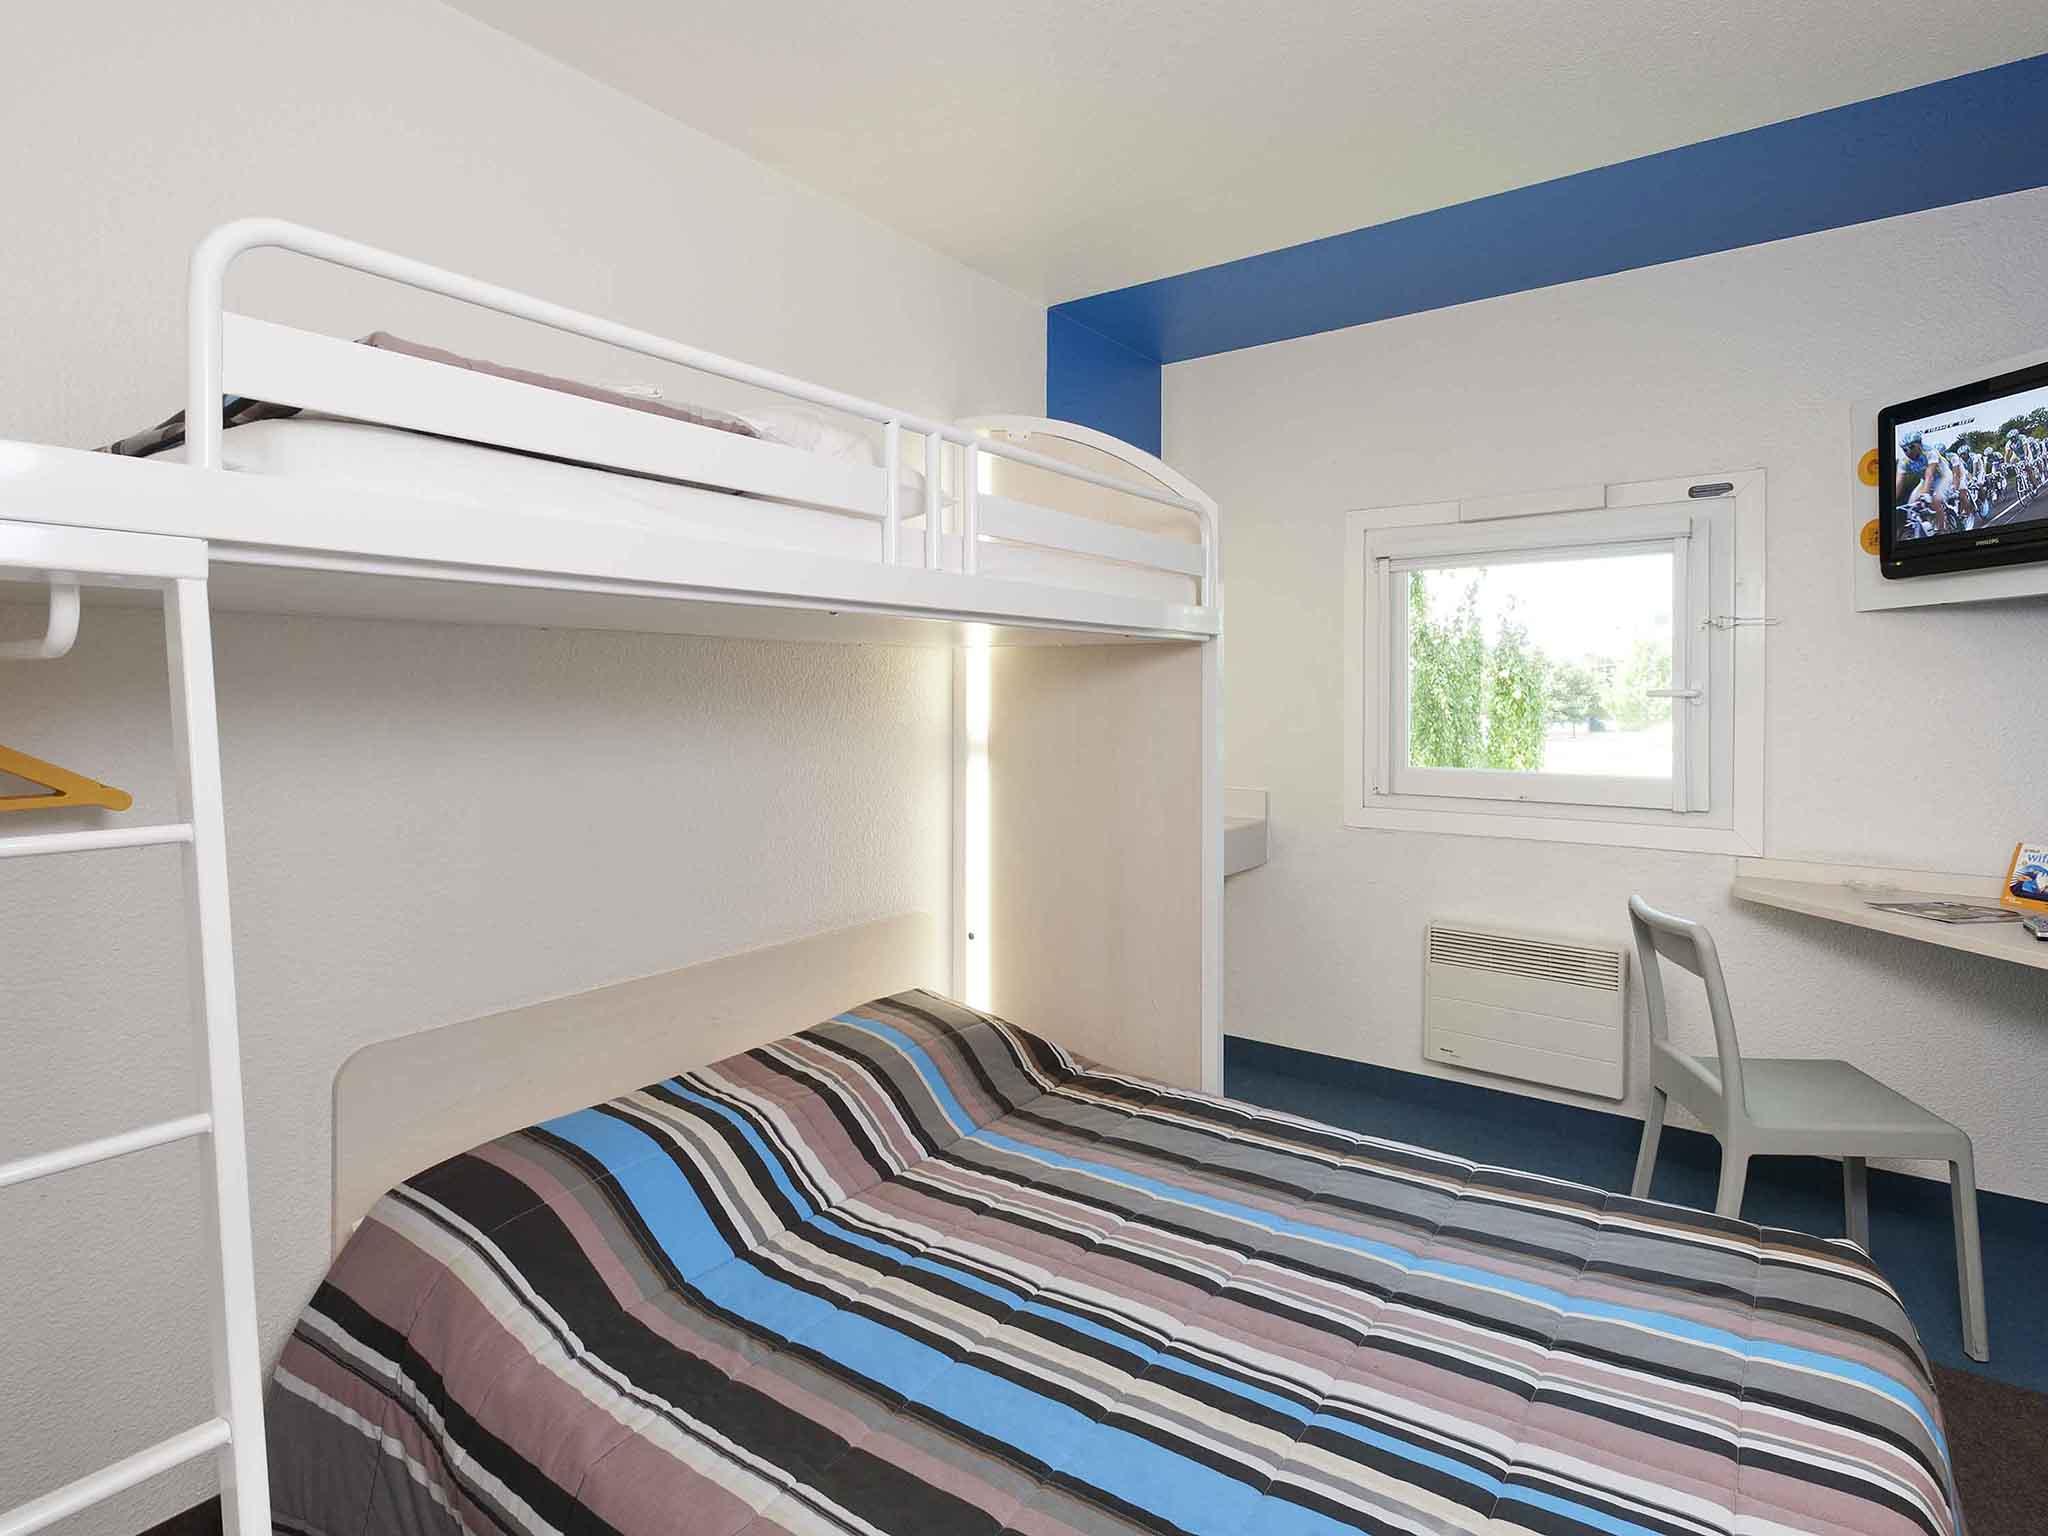 โรงแรม – hotelF1 Reims Tinqueux